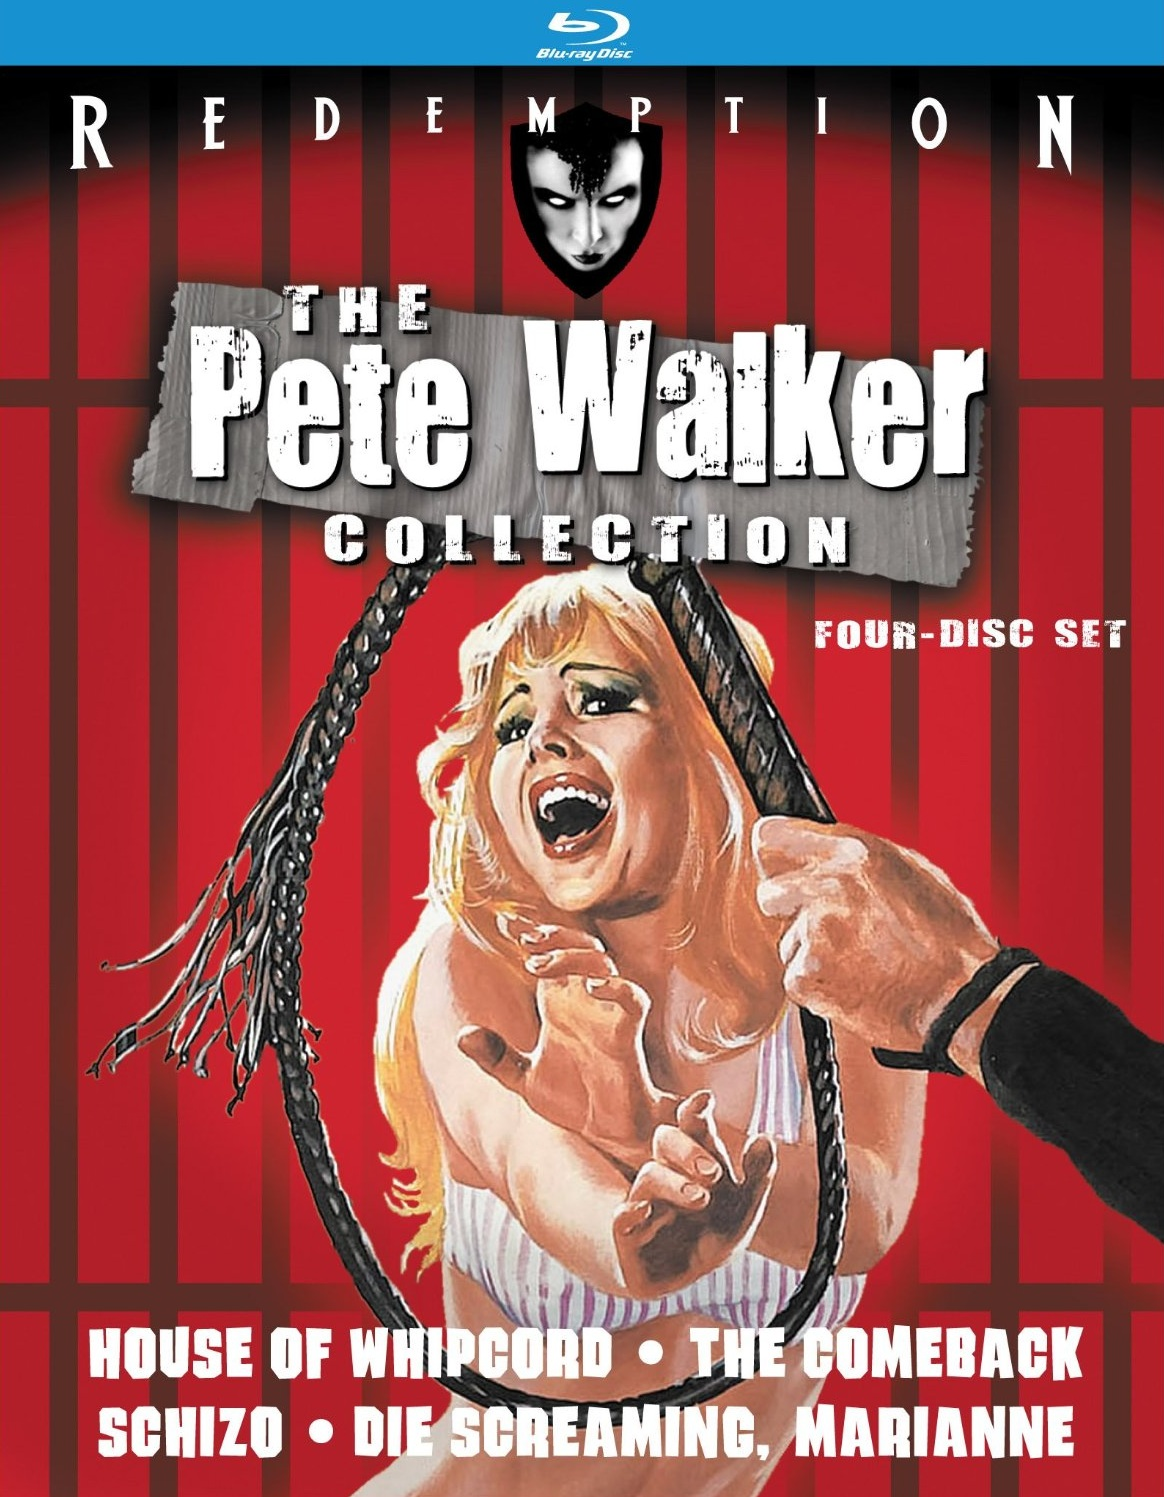 http://3.bp.blogspot.com/-jPeuqpivcDE/UKJhdHrGOCI/AAAAAAAAhF8/12ZonfS63Ag/s1600/Pete+Walker+Collection.jpg